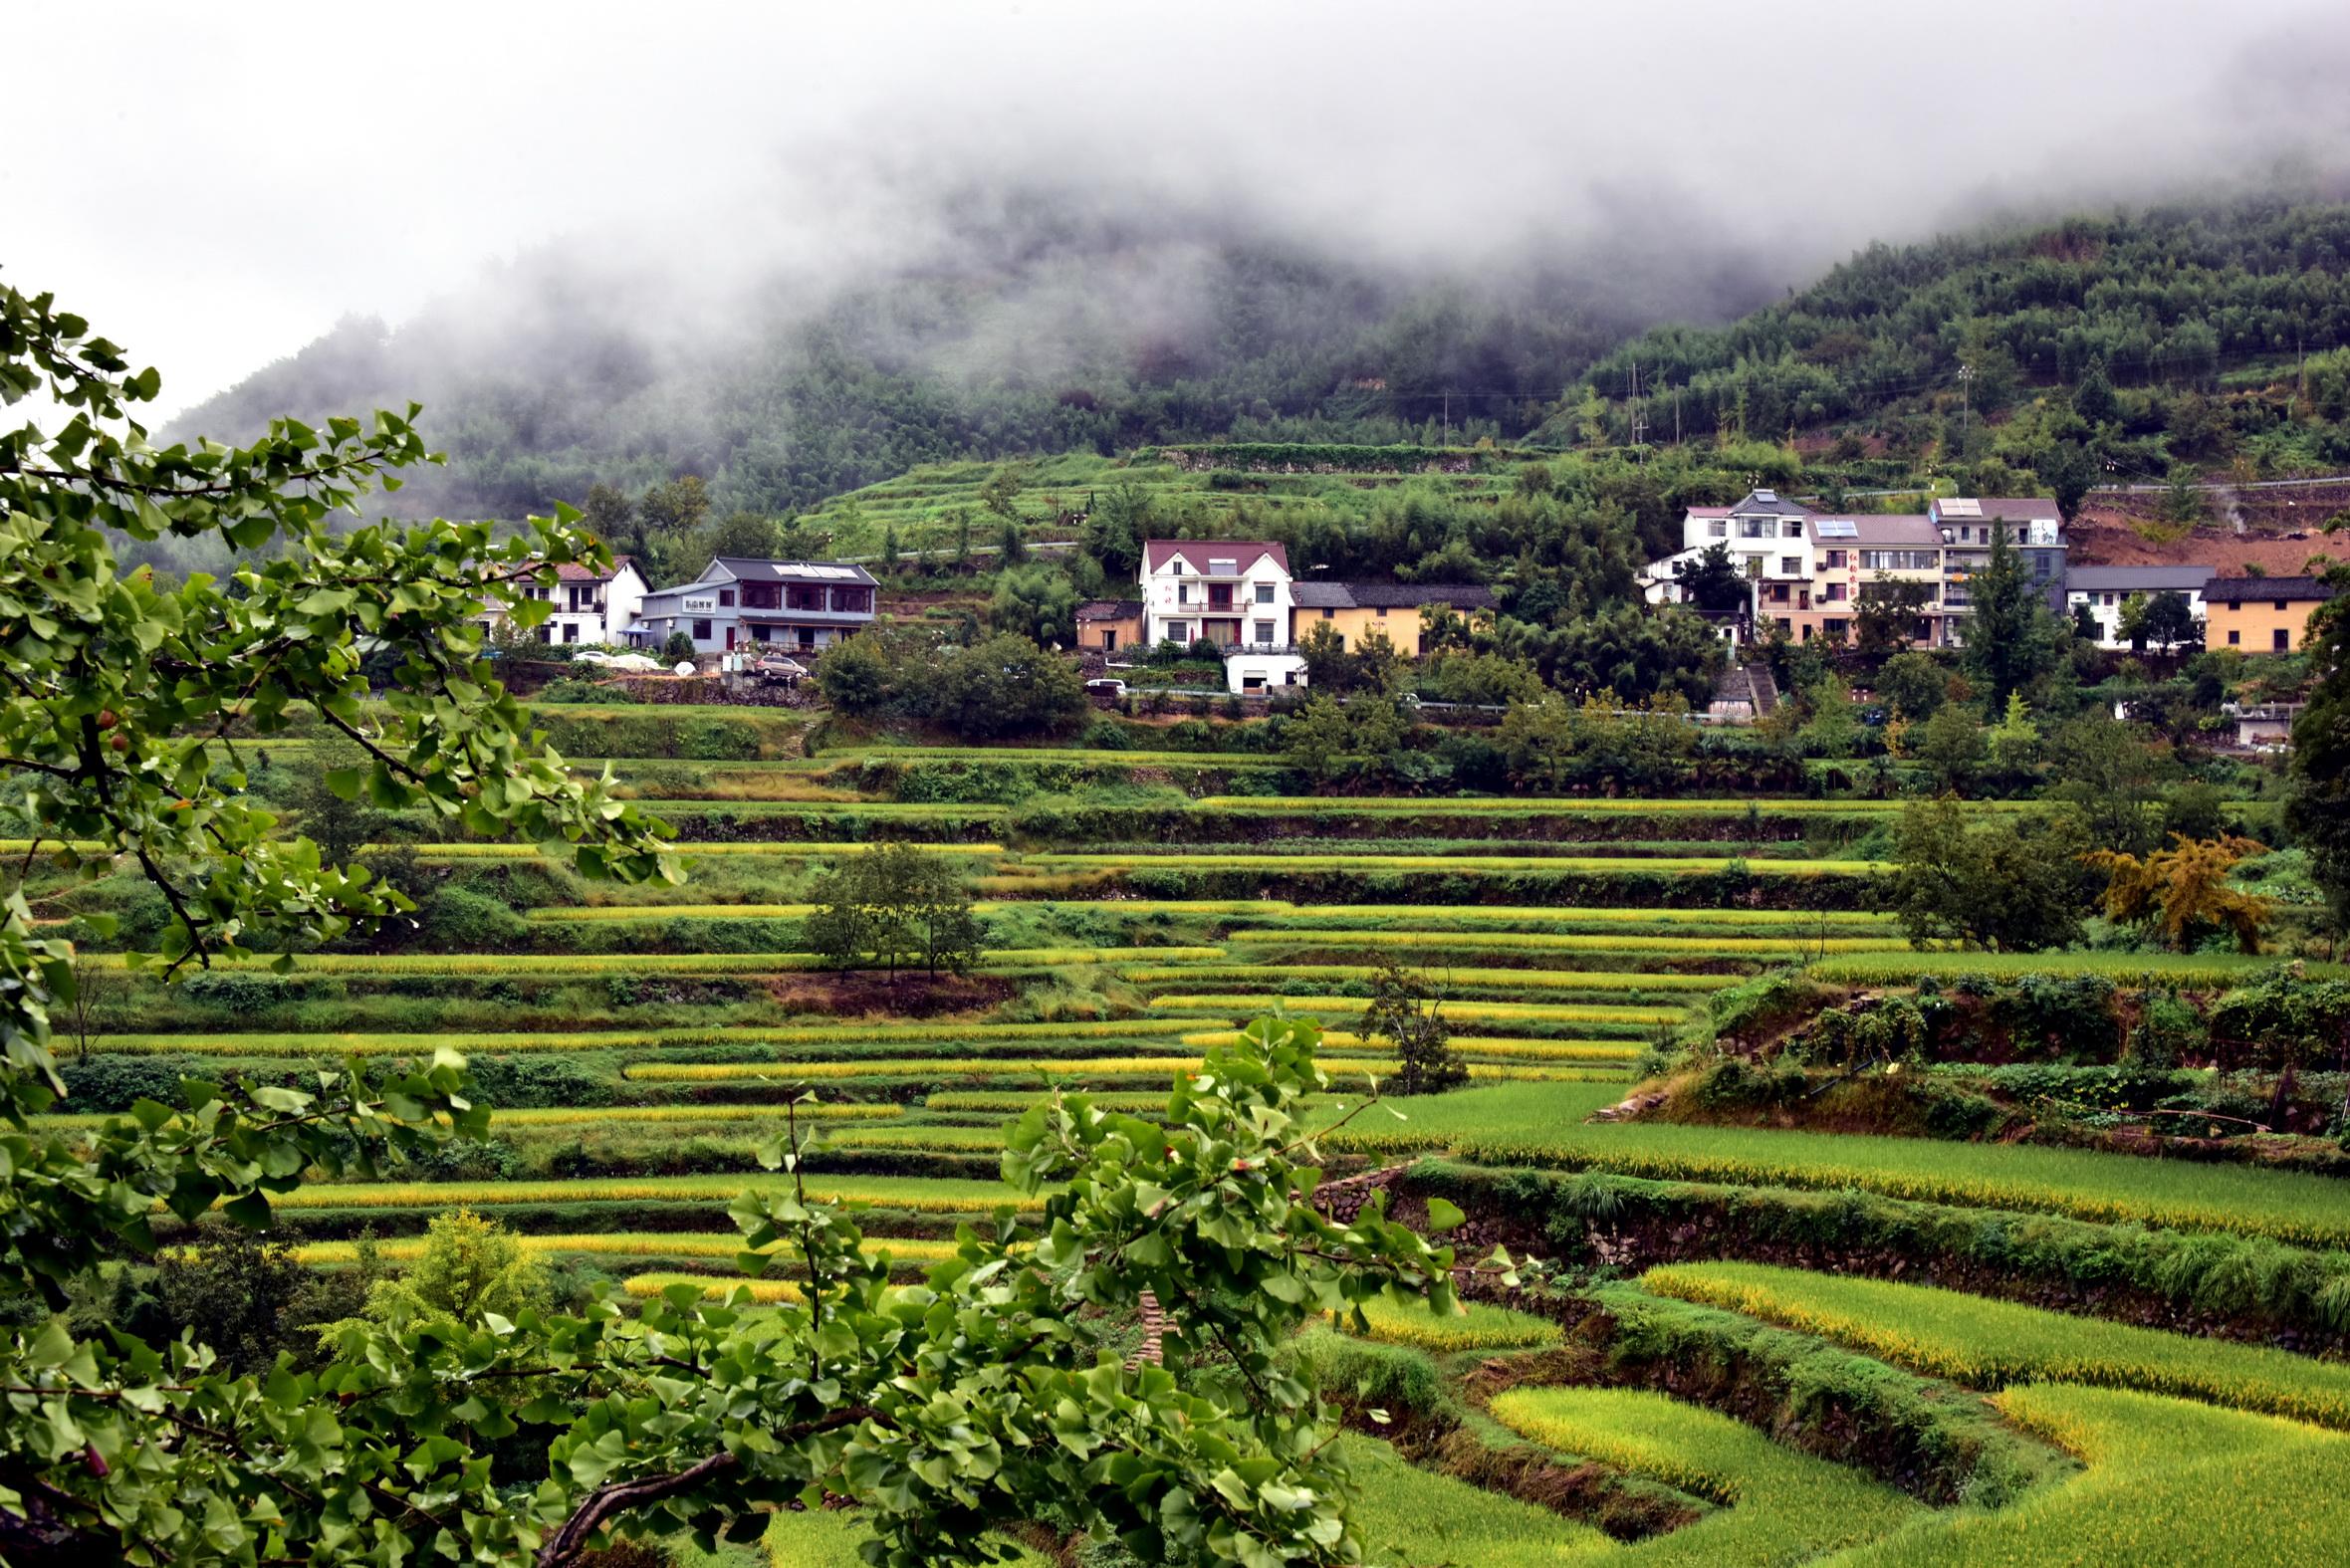 在如今的浙江,山水相依、桃源春色的自然秀美風光已隨處可見。攝影/章軻